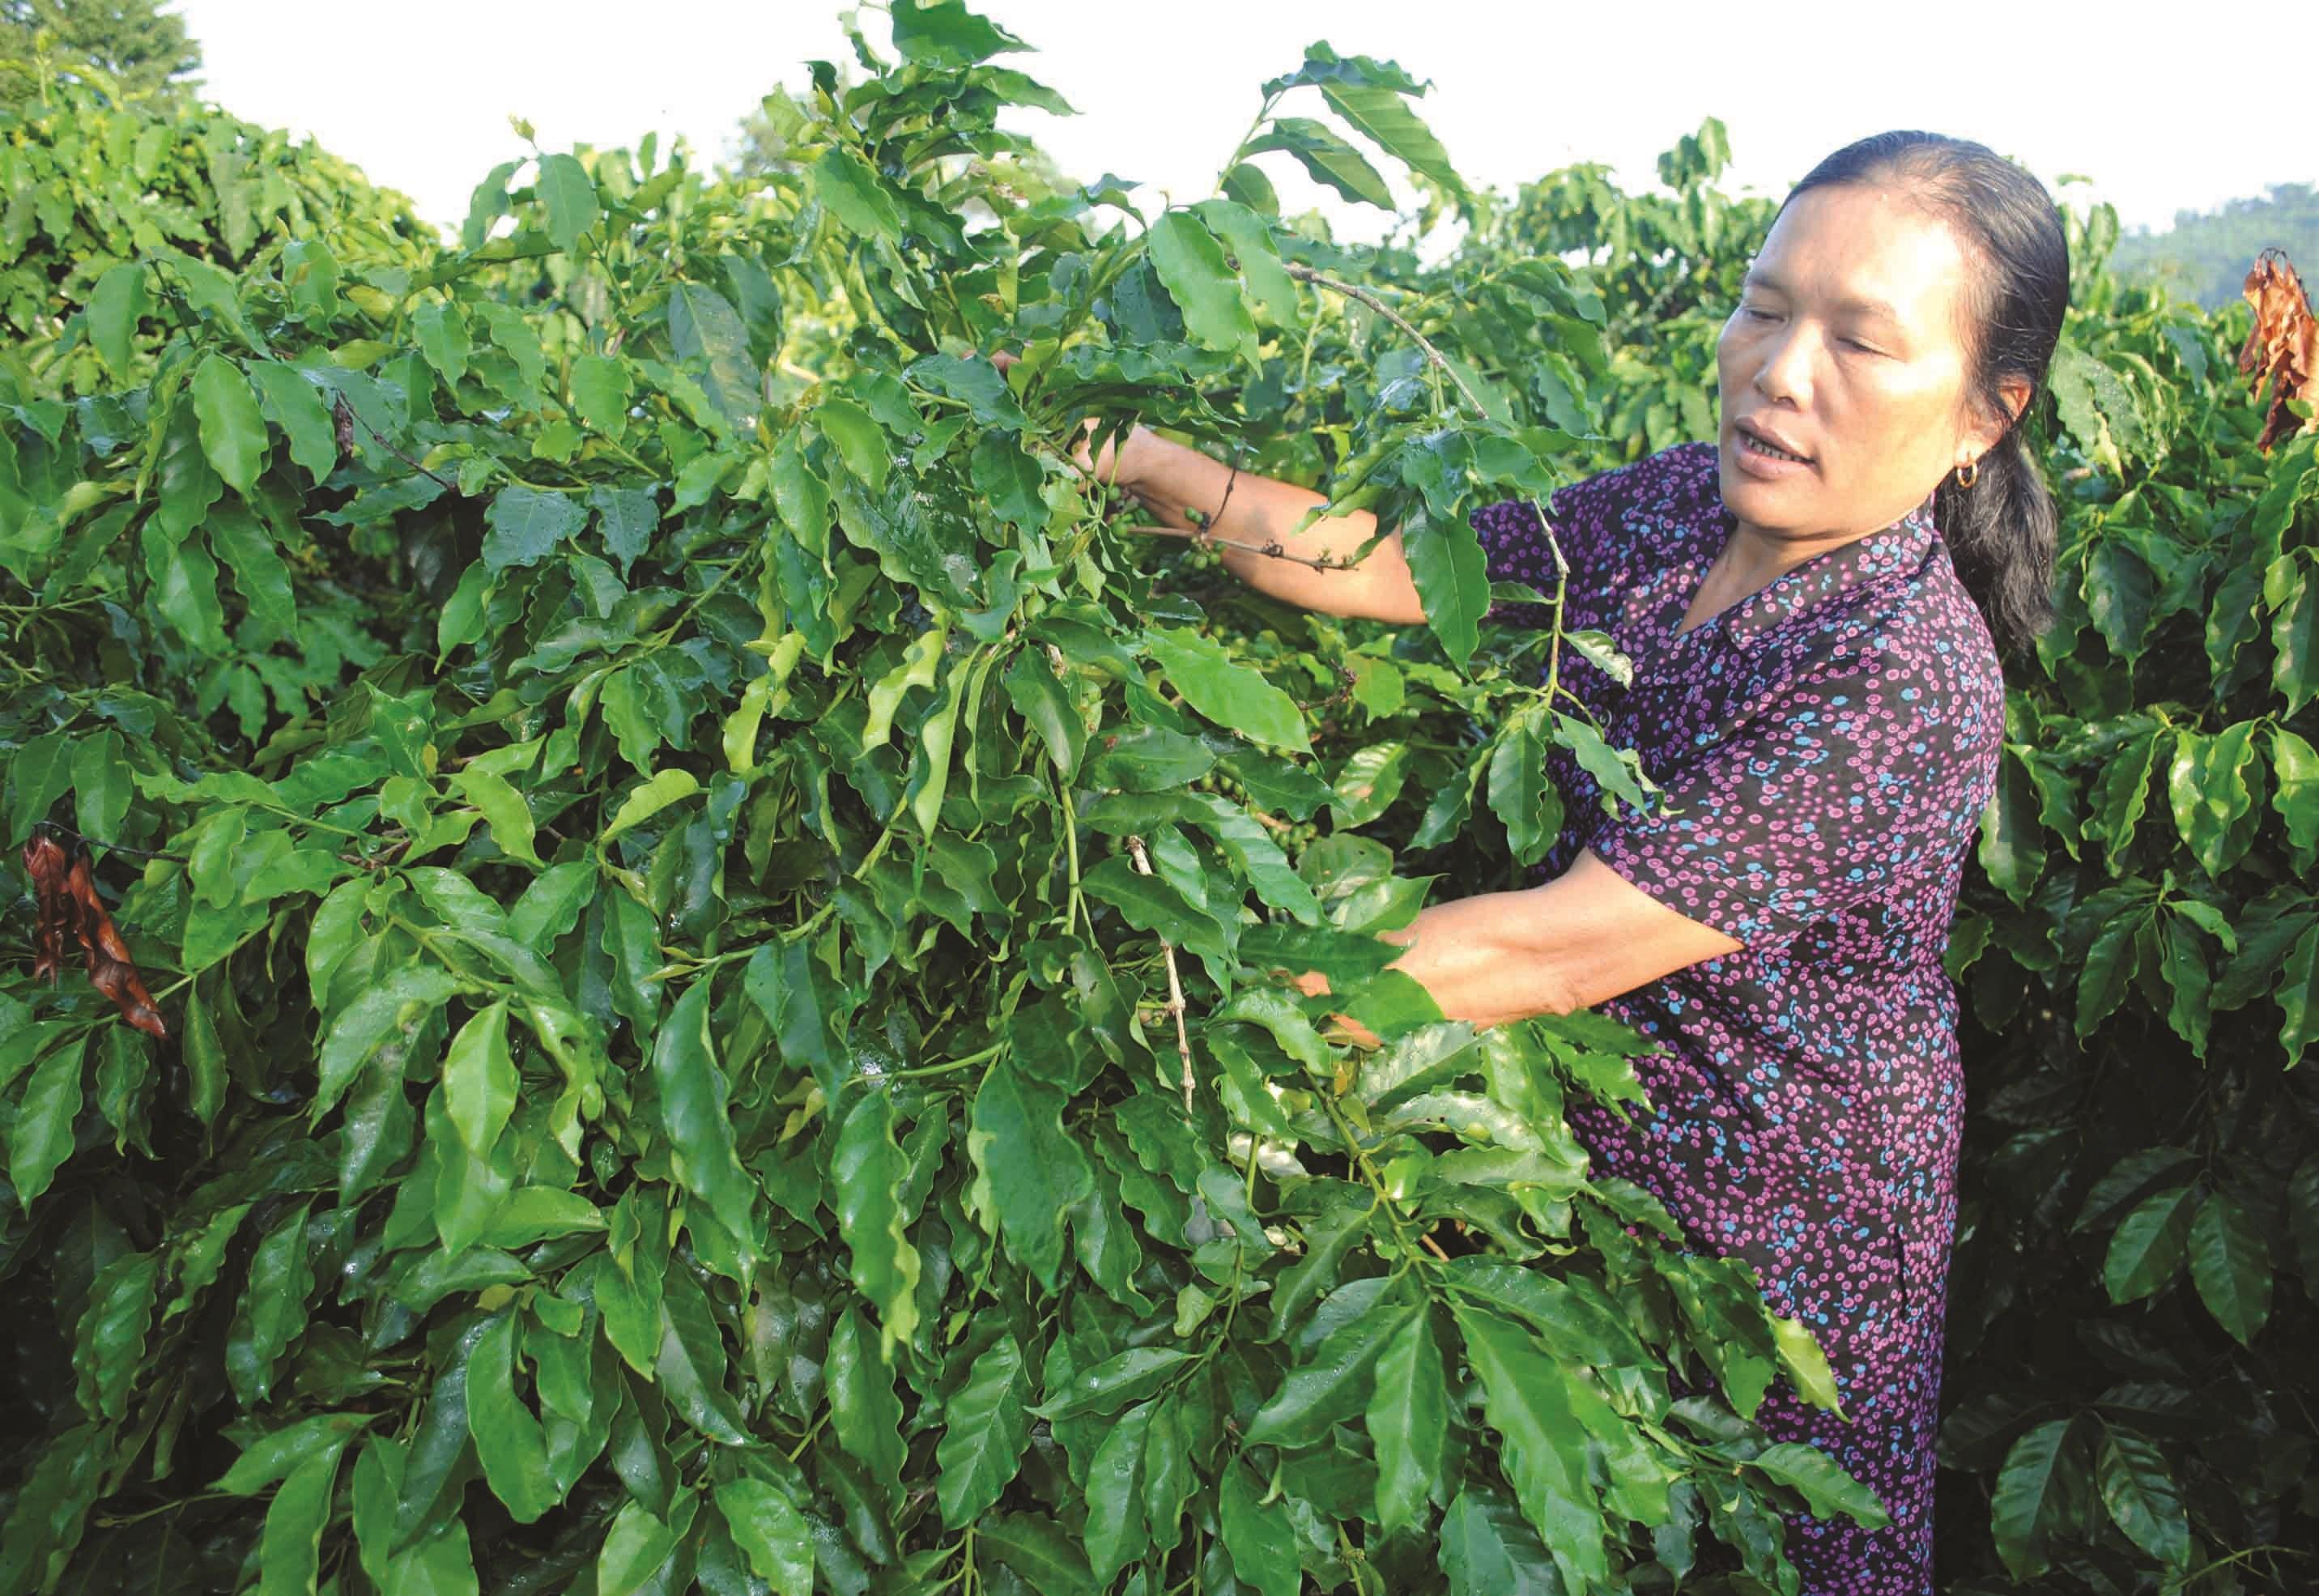 Nhờ được hỗ trợ vốn từ các chương trình, chính sách dân tộc người dân huyện Sông Hinh đầu tư trồng cây công nghiệp đạt năng suất cao